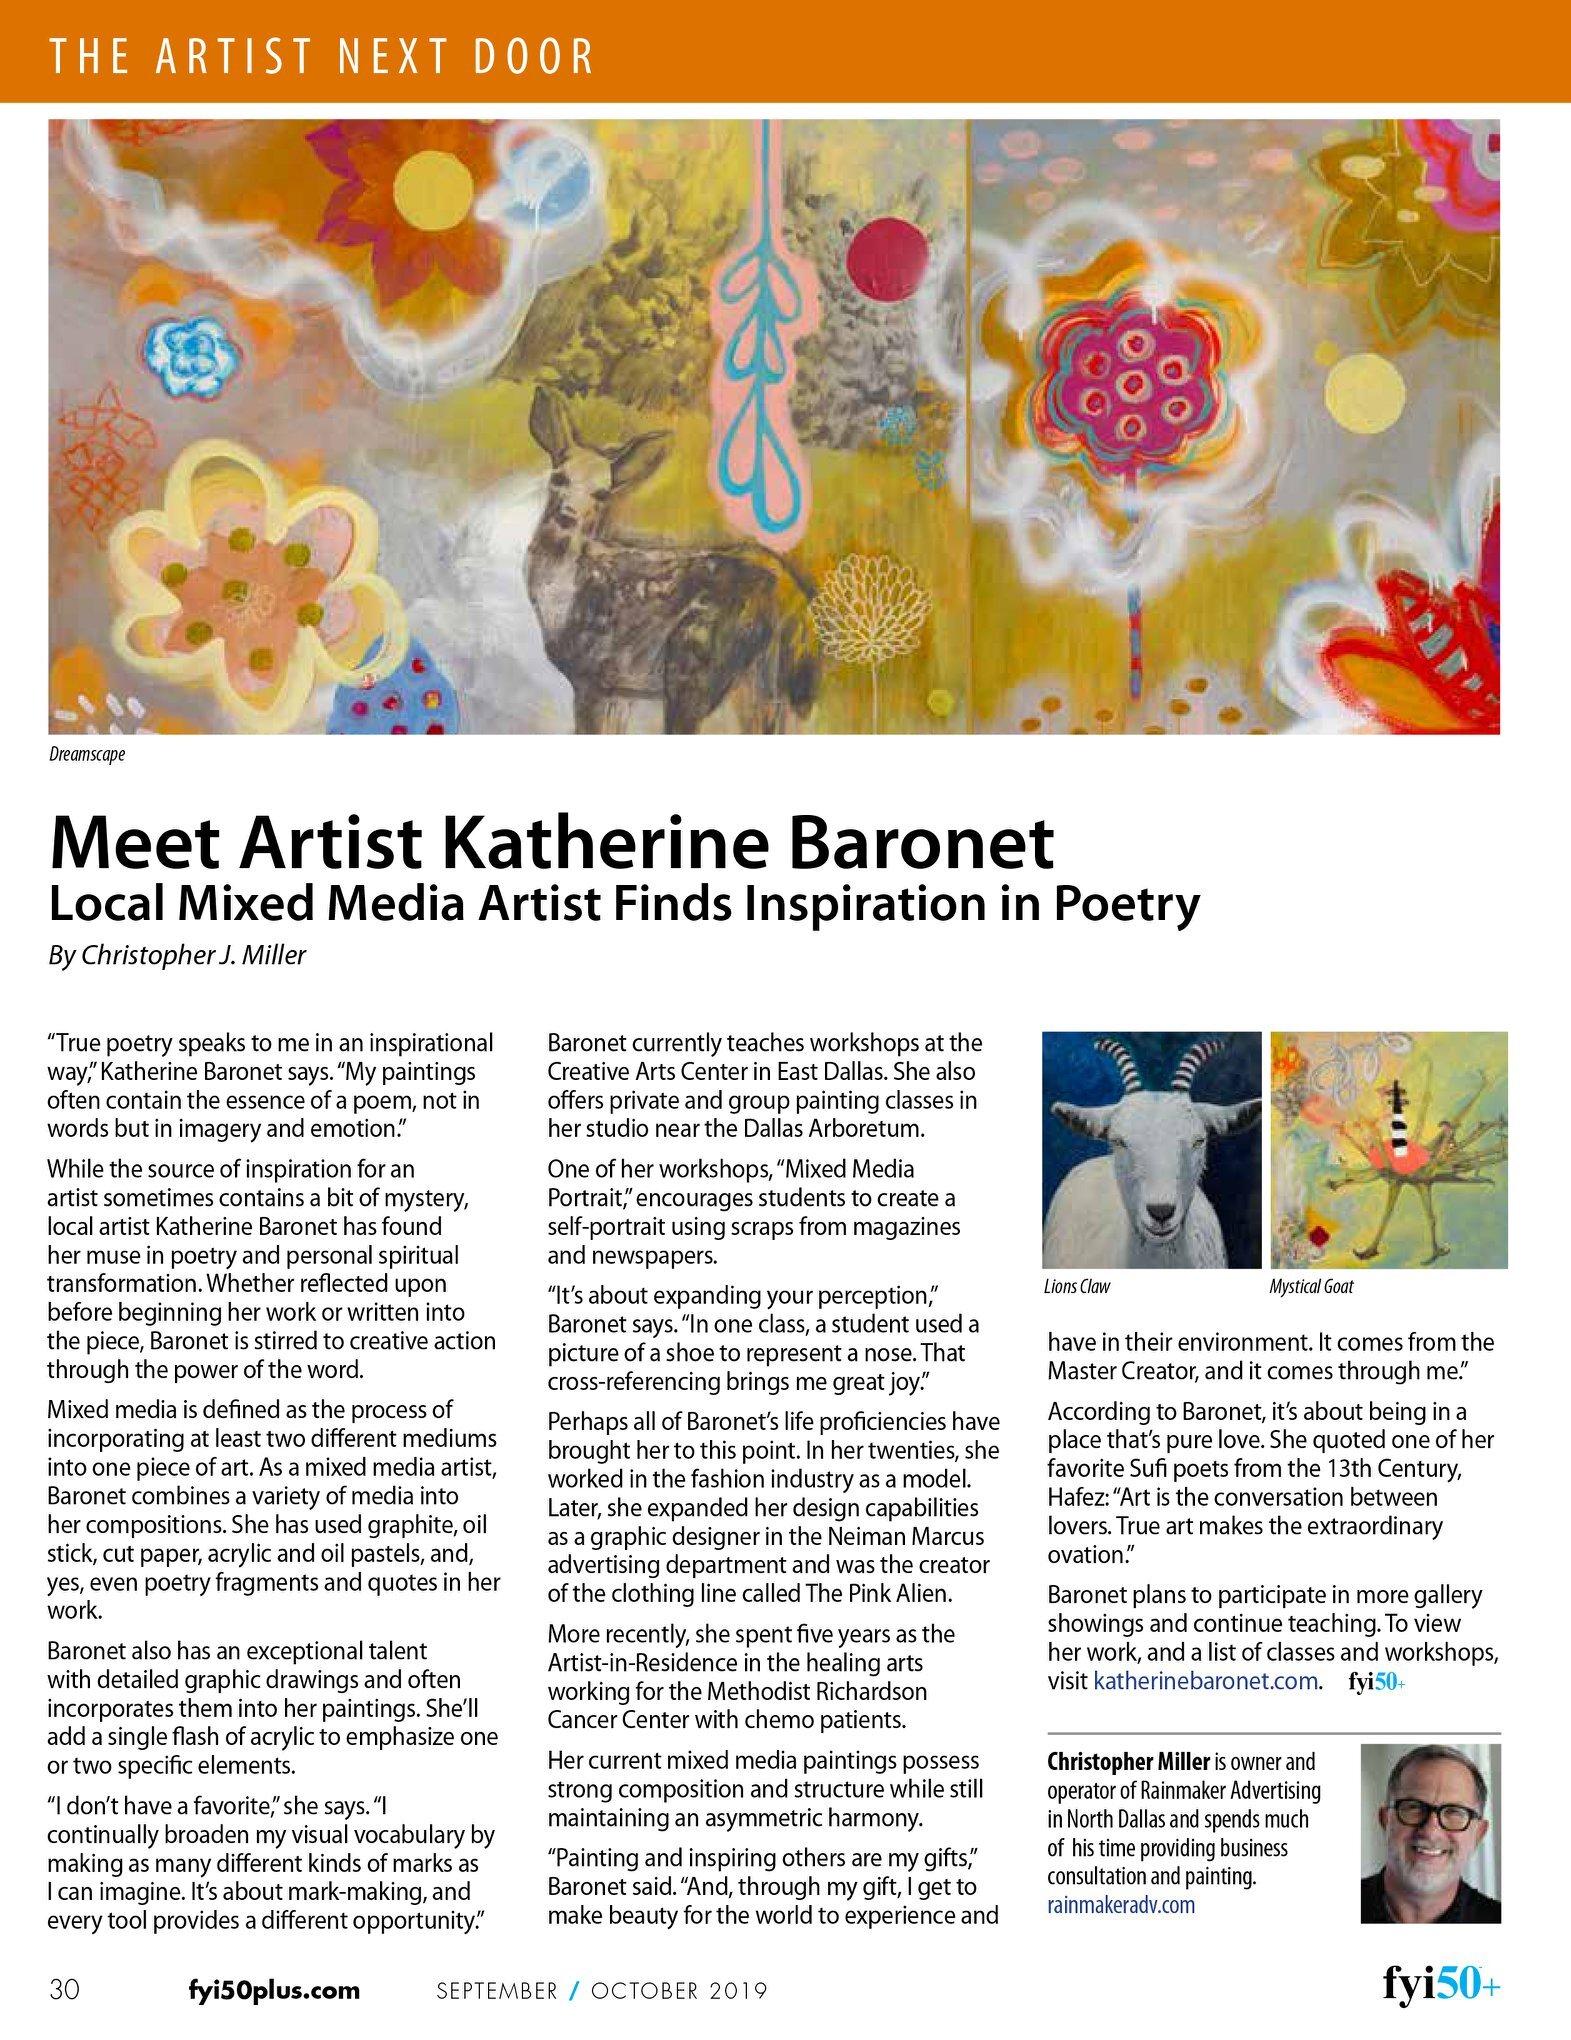 fyi 50 artical on Katherine Baronet.jpg